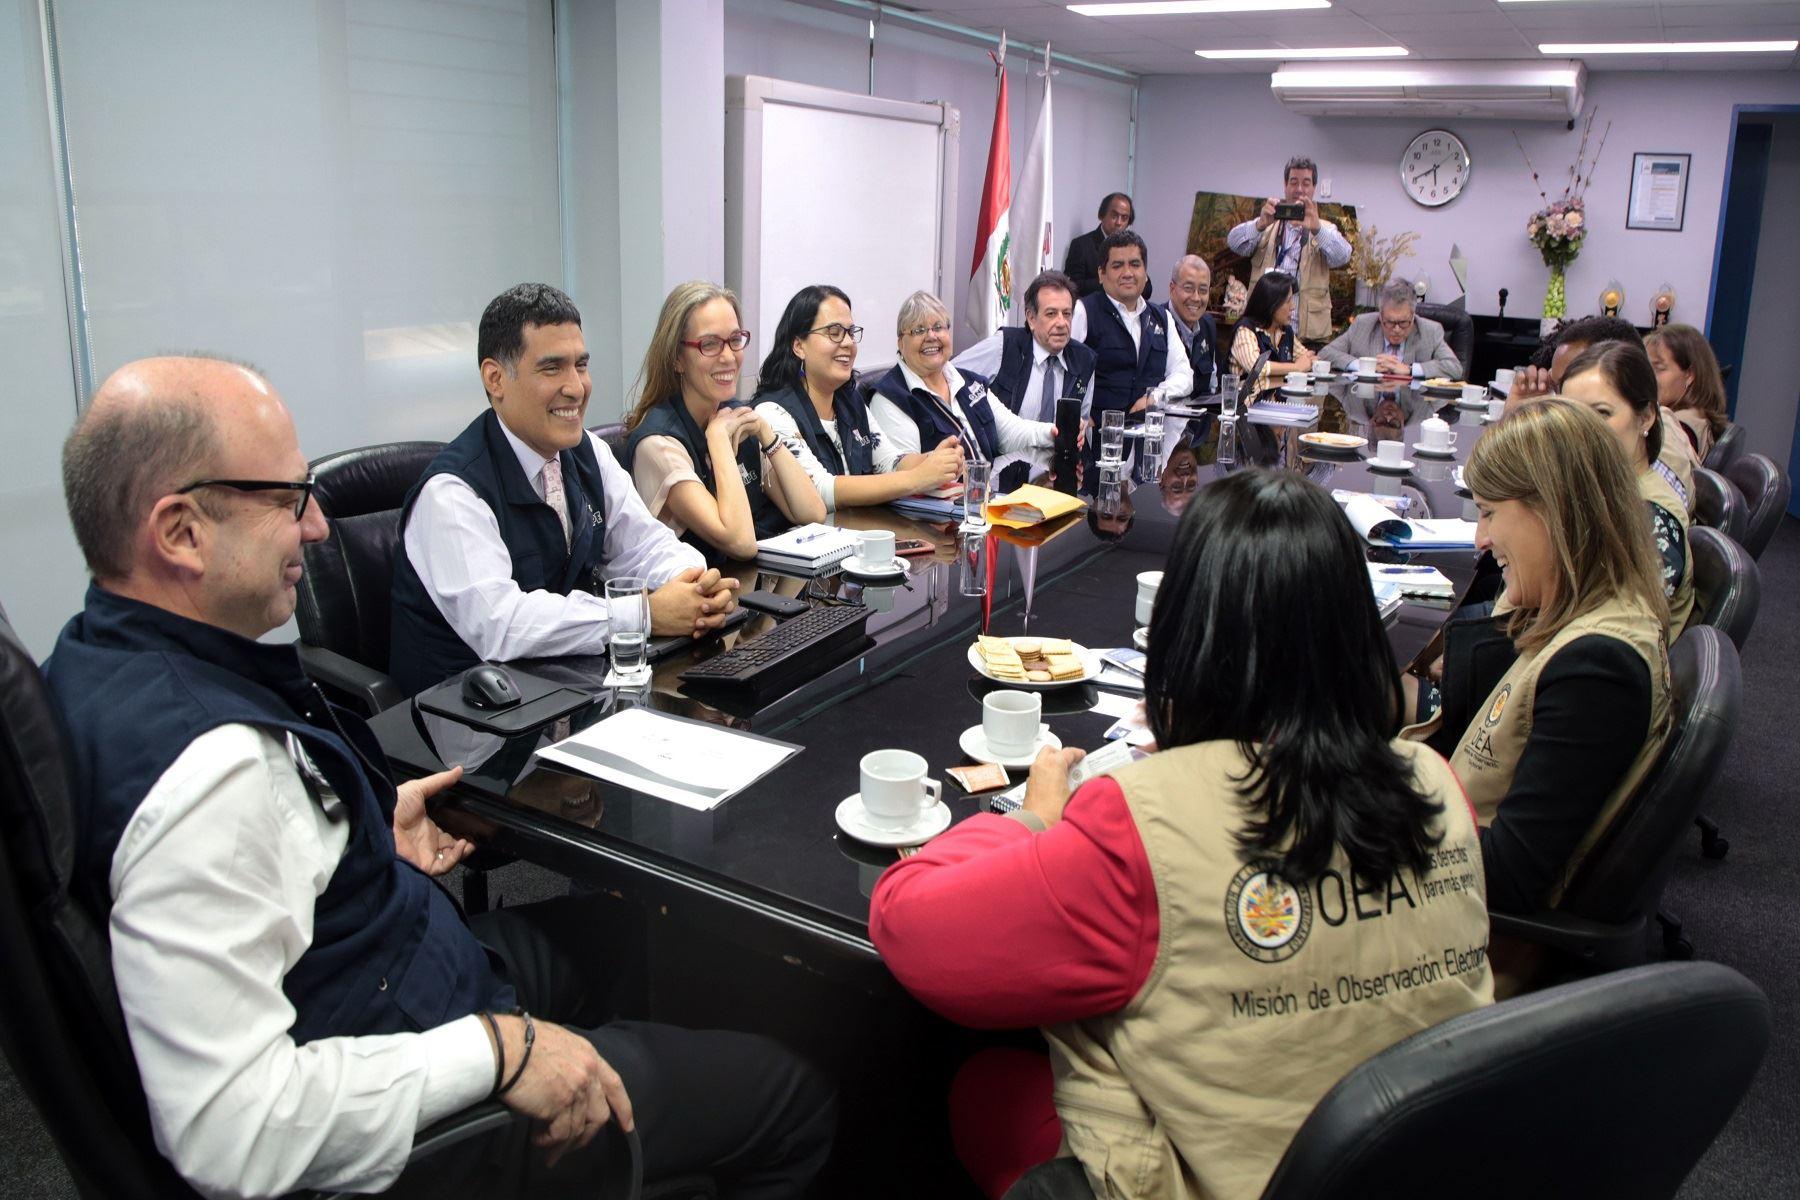 Reunión del jefe de la ONPE, Manuel Cox, y representantes de la entidad, con la Misión de Observación Electoral de la OEA.